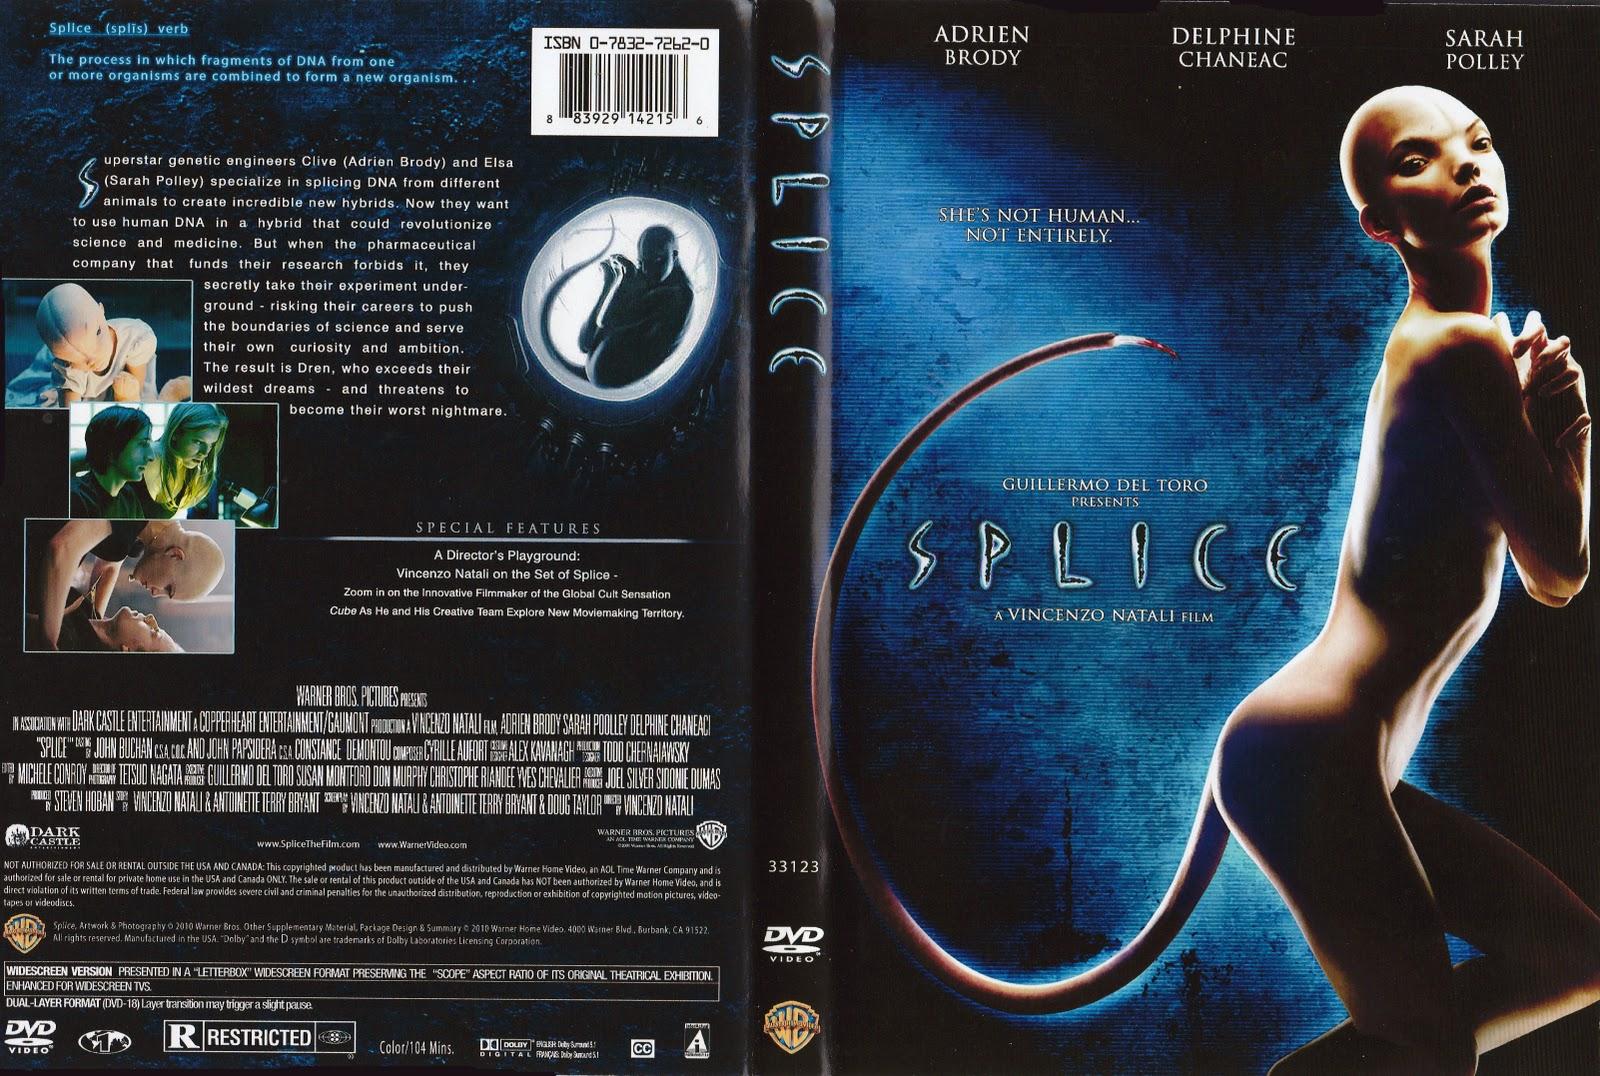 Film Review: Splice (2009)